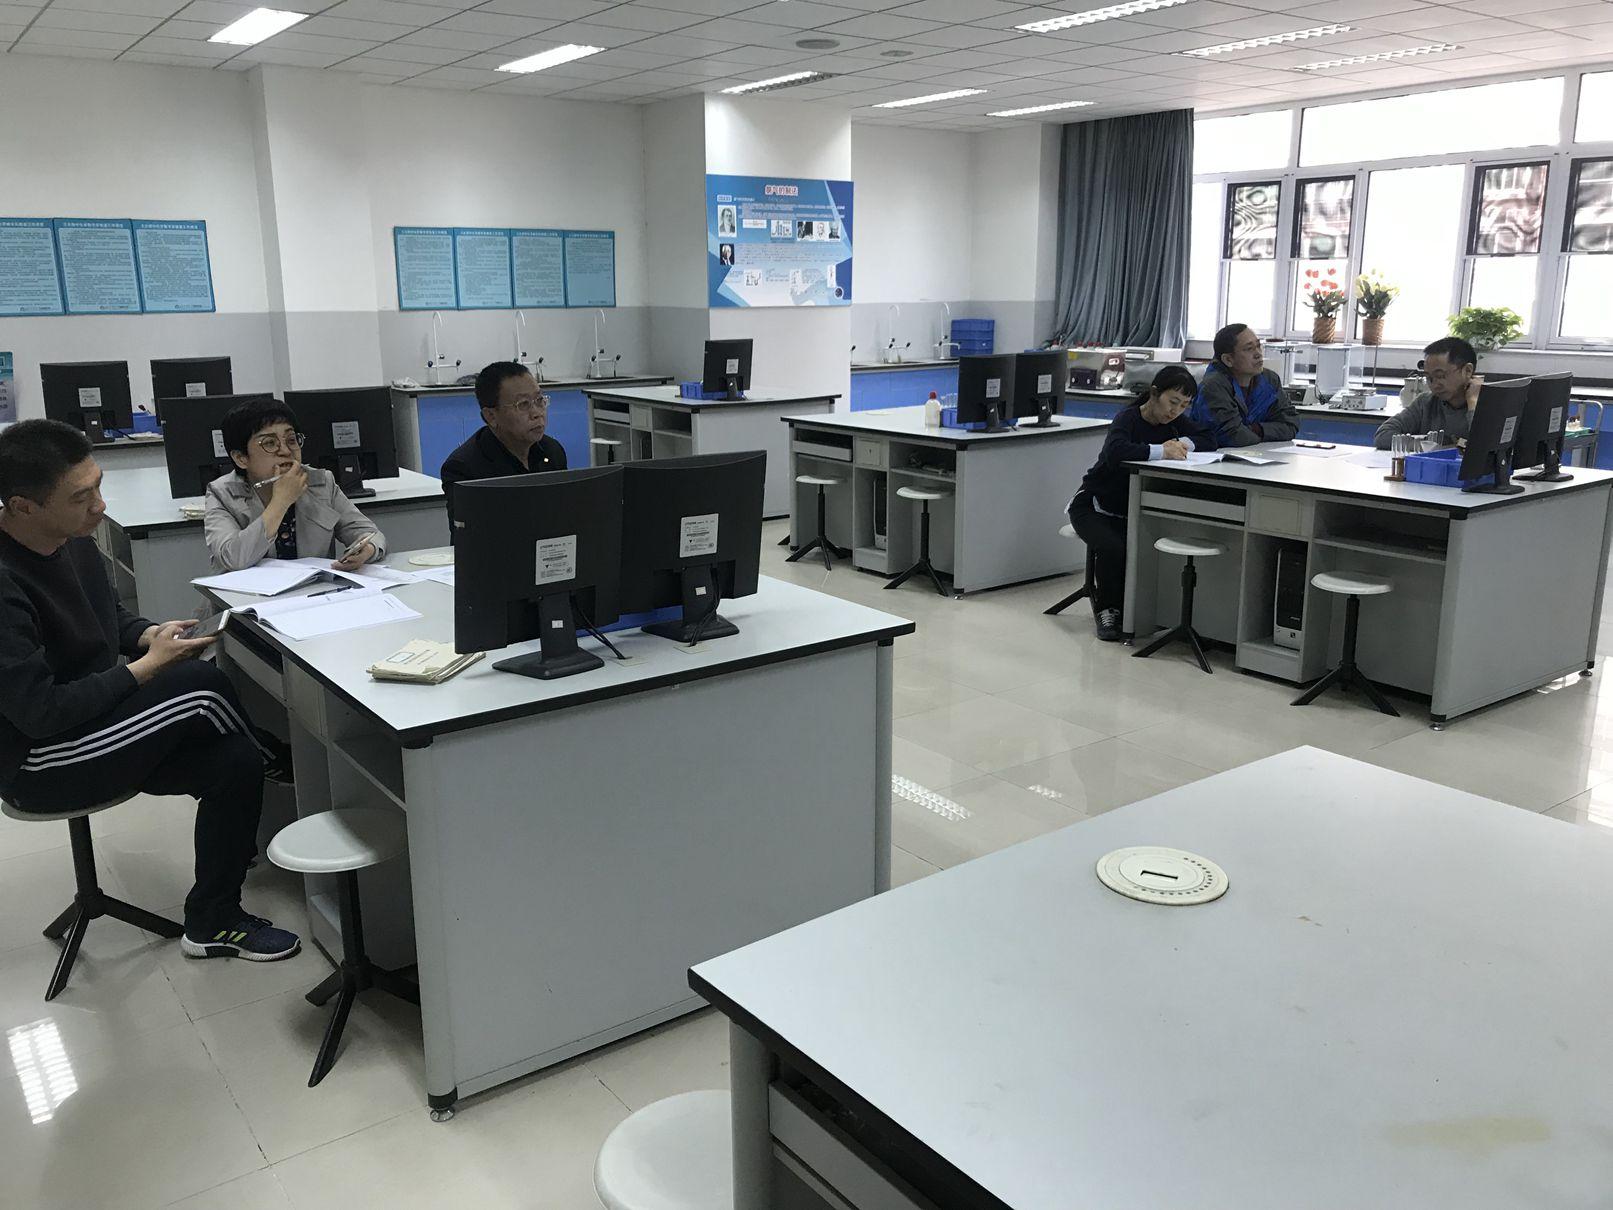 刘子远校长参加化学组活动.jpg